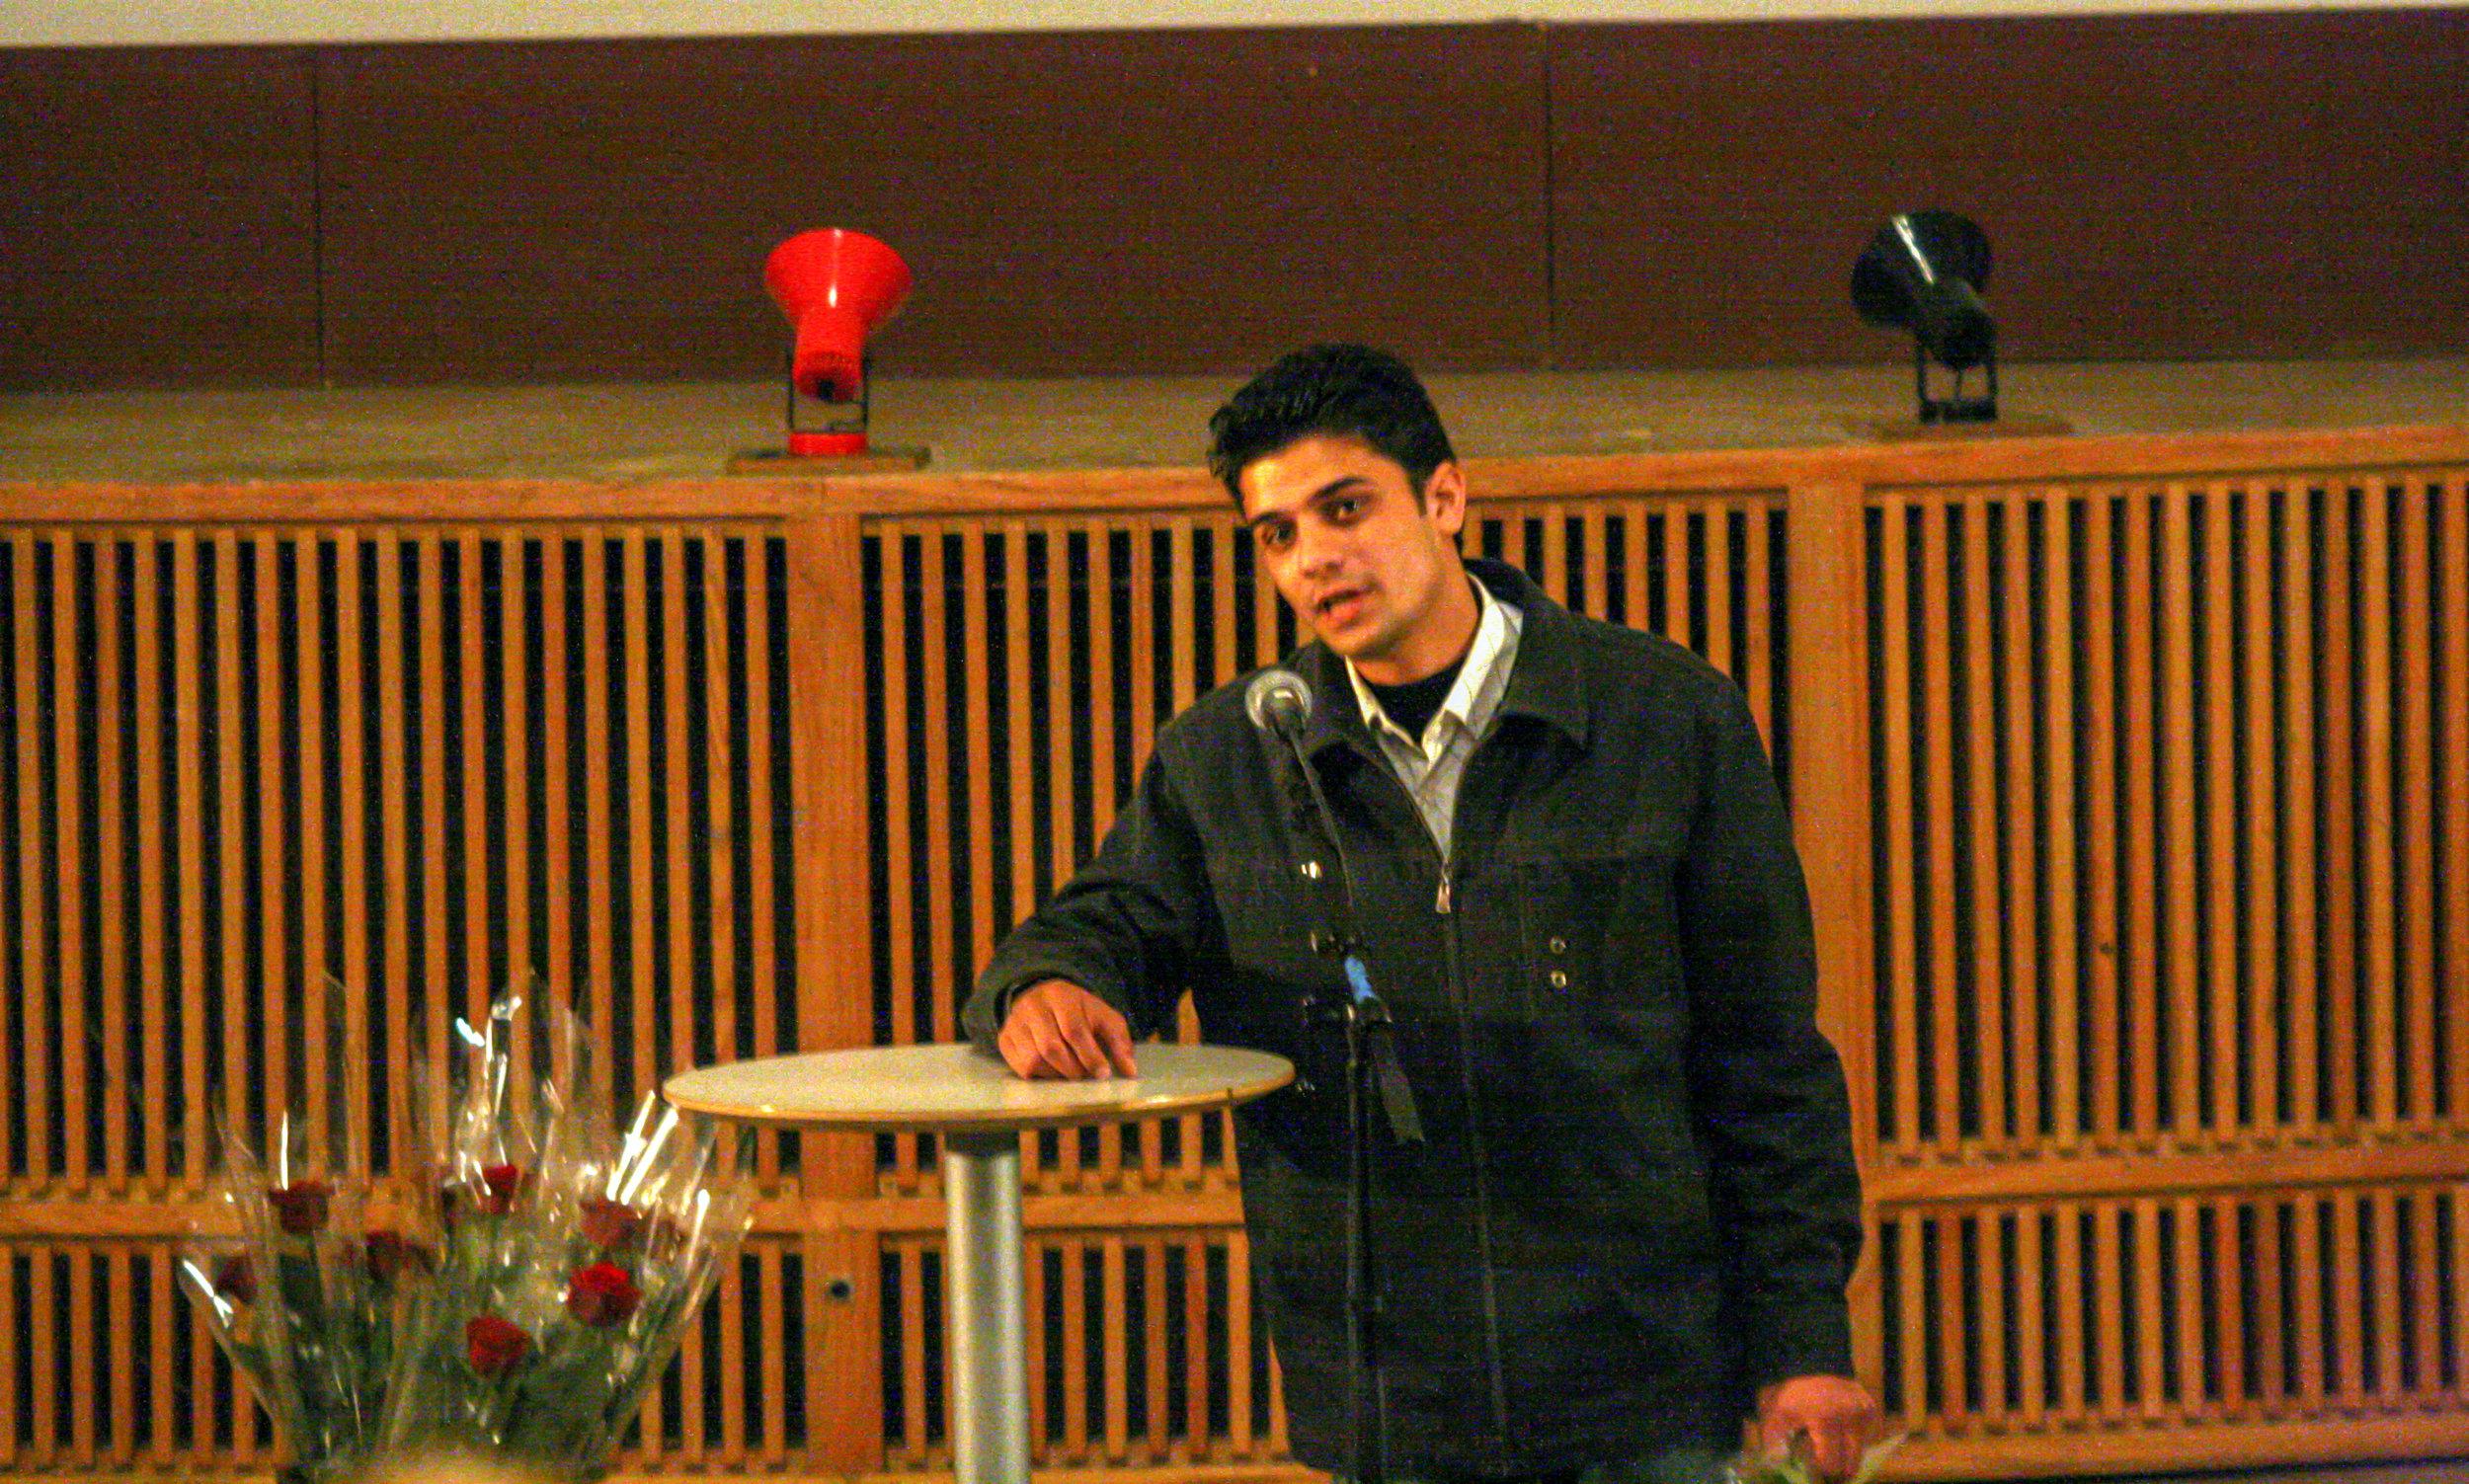 Ahmed (4).jpg